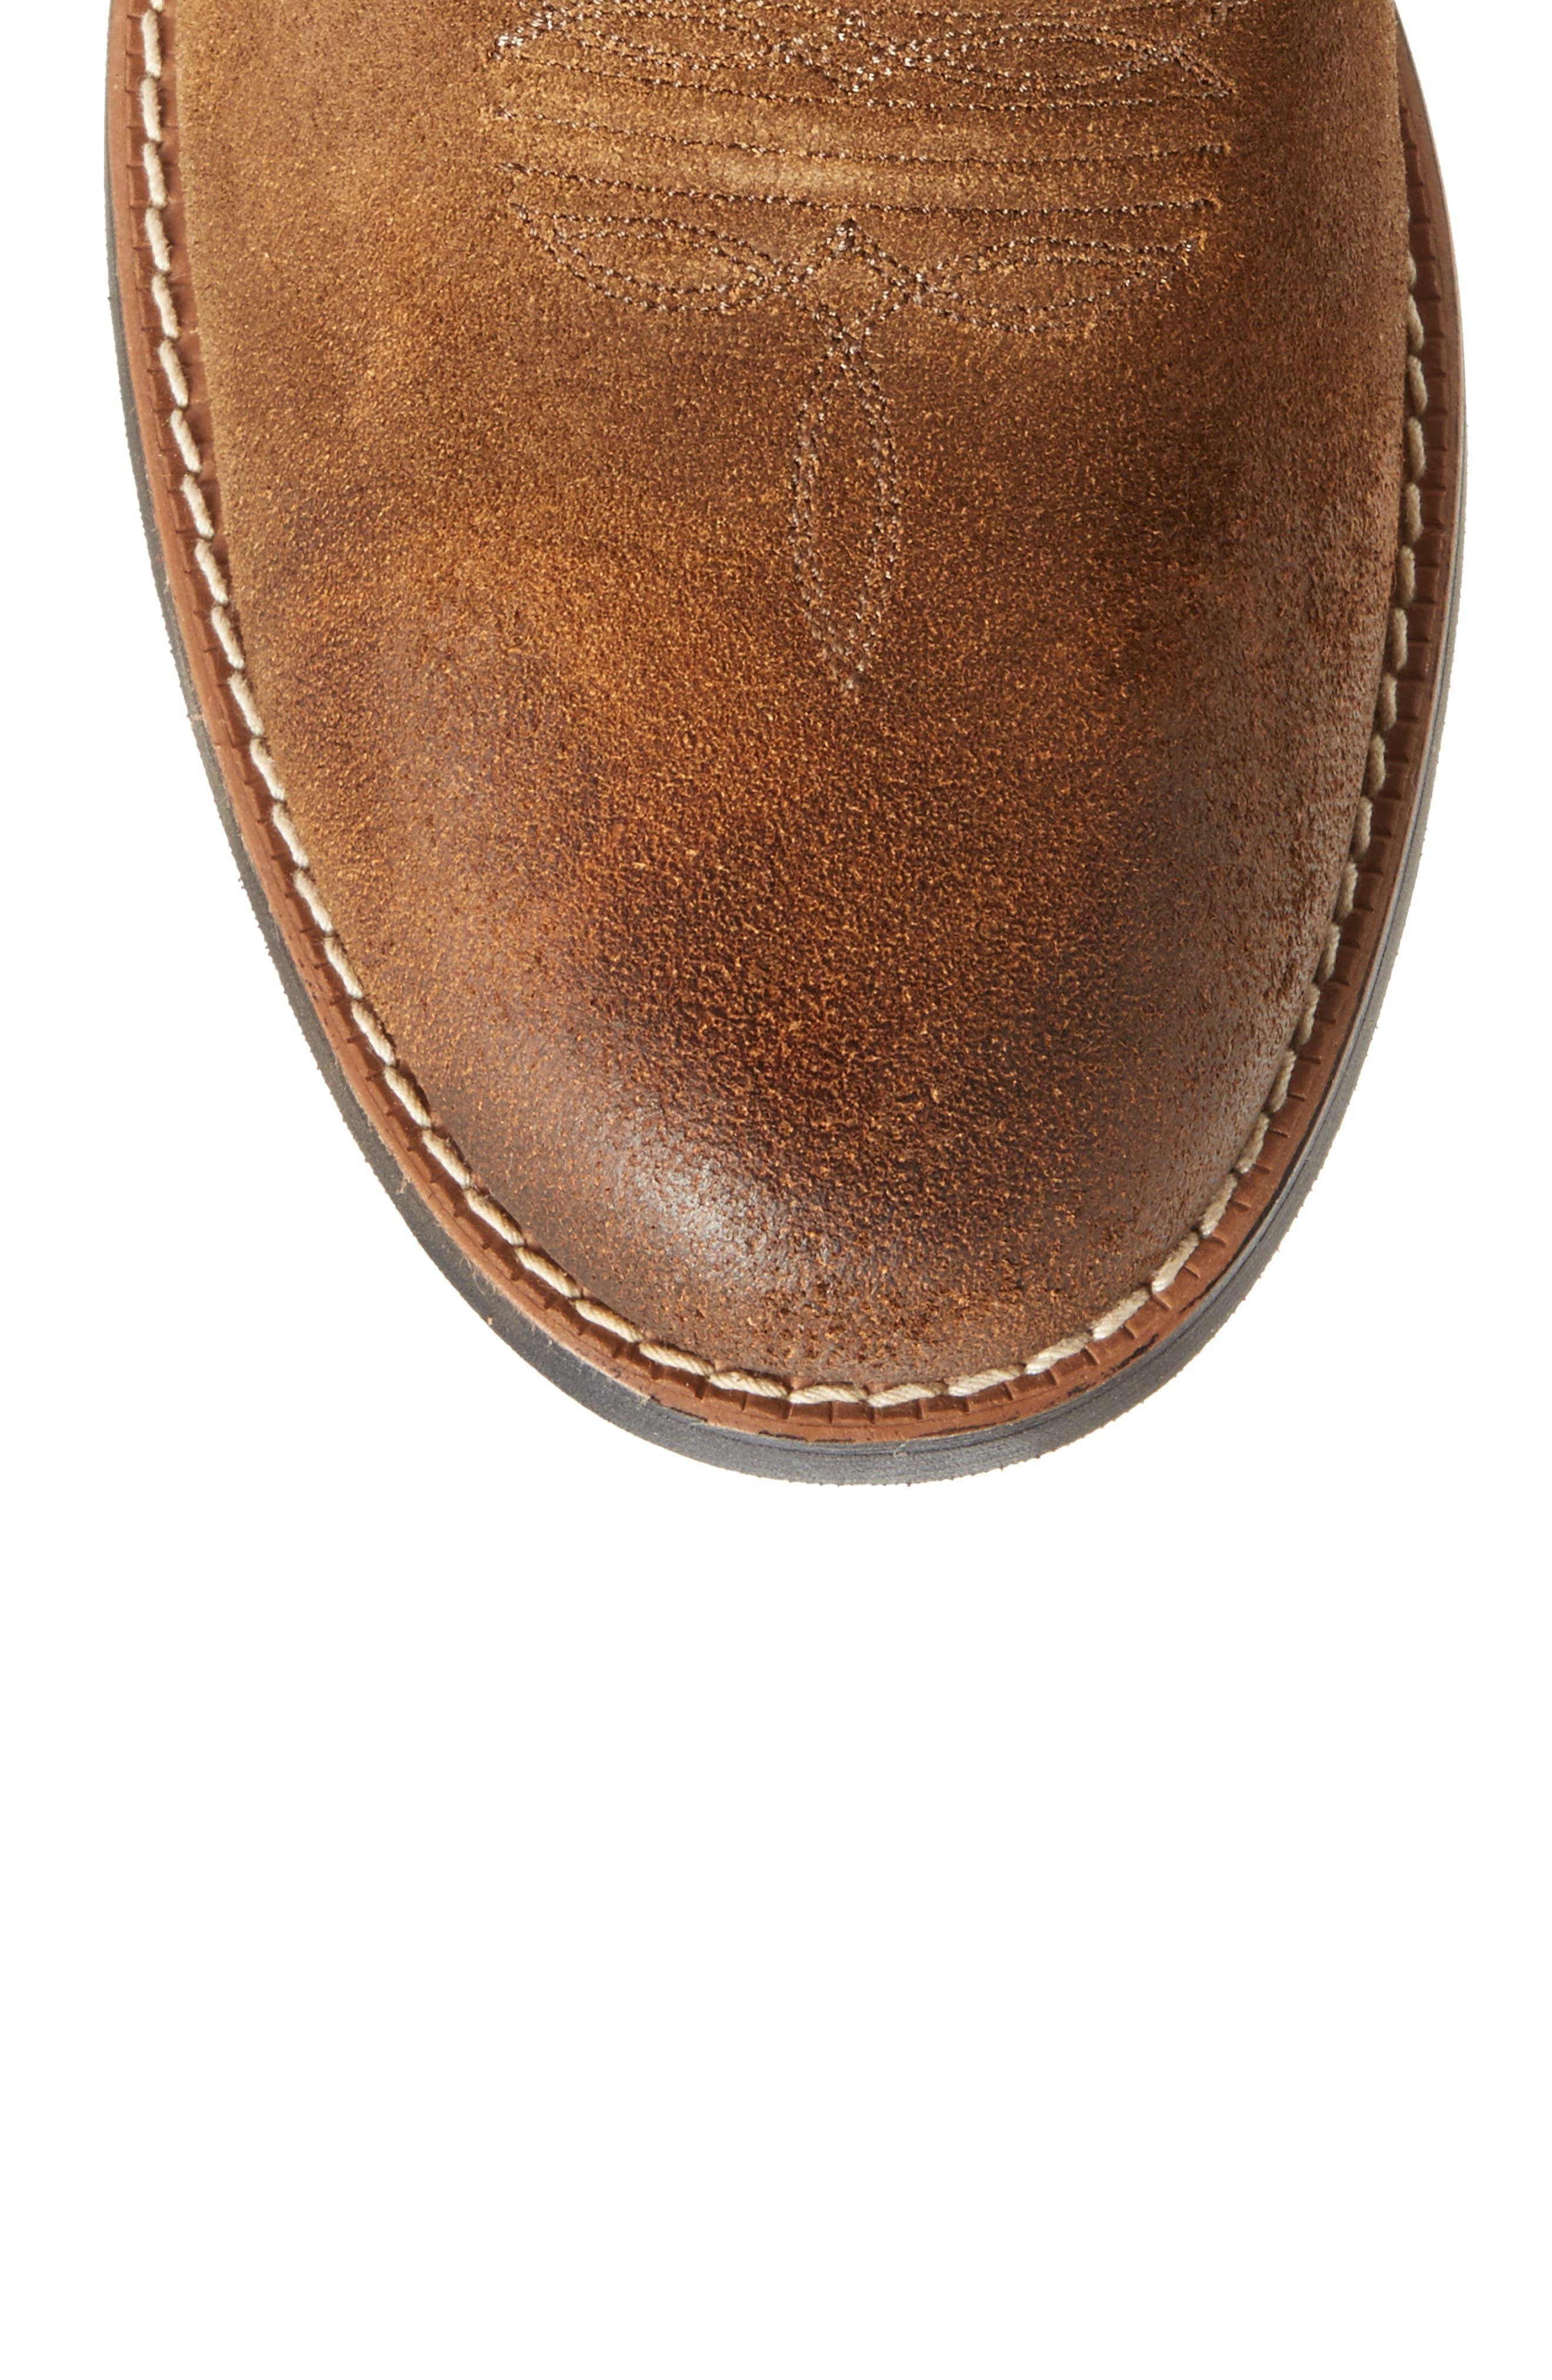 Sport Patriot Cowboy Boot,                             Alternate thumbnail 5, color,                             Antique Mocha/ Sand Leather